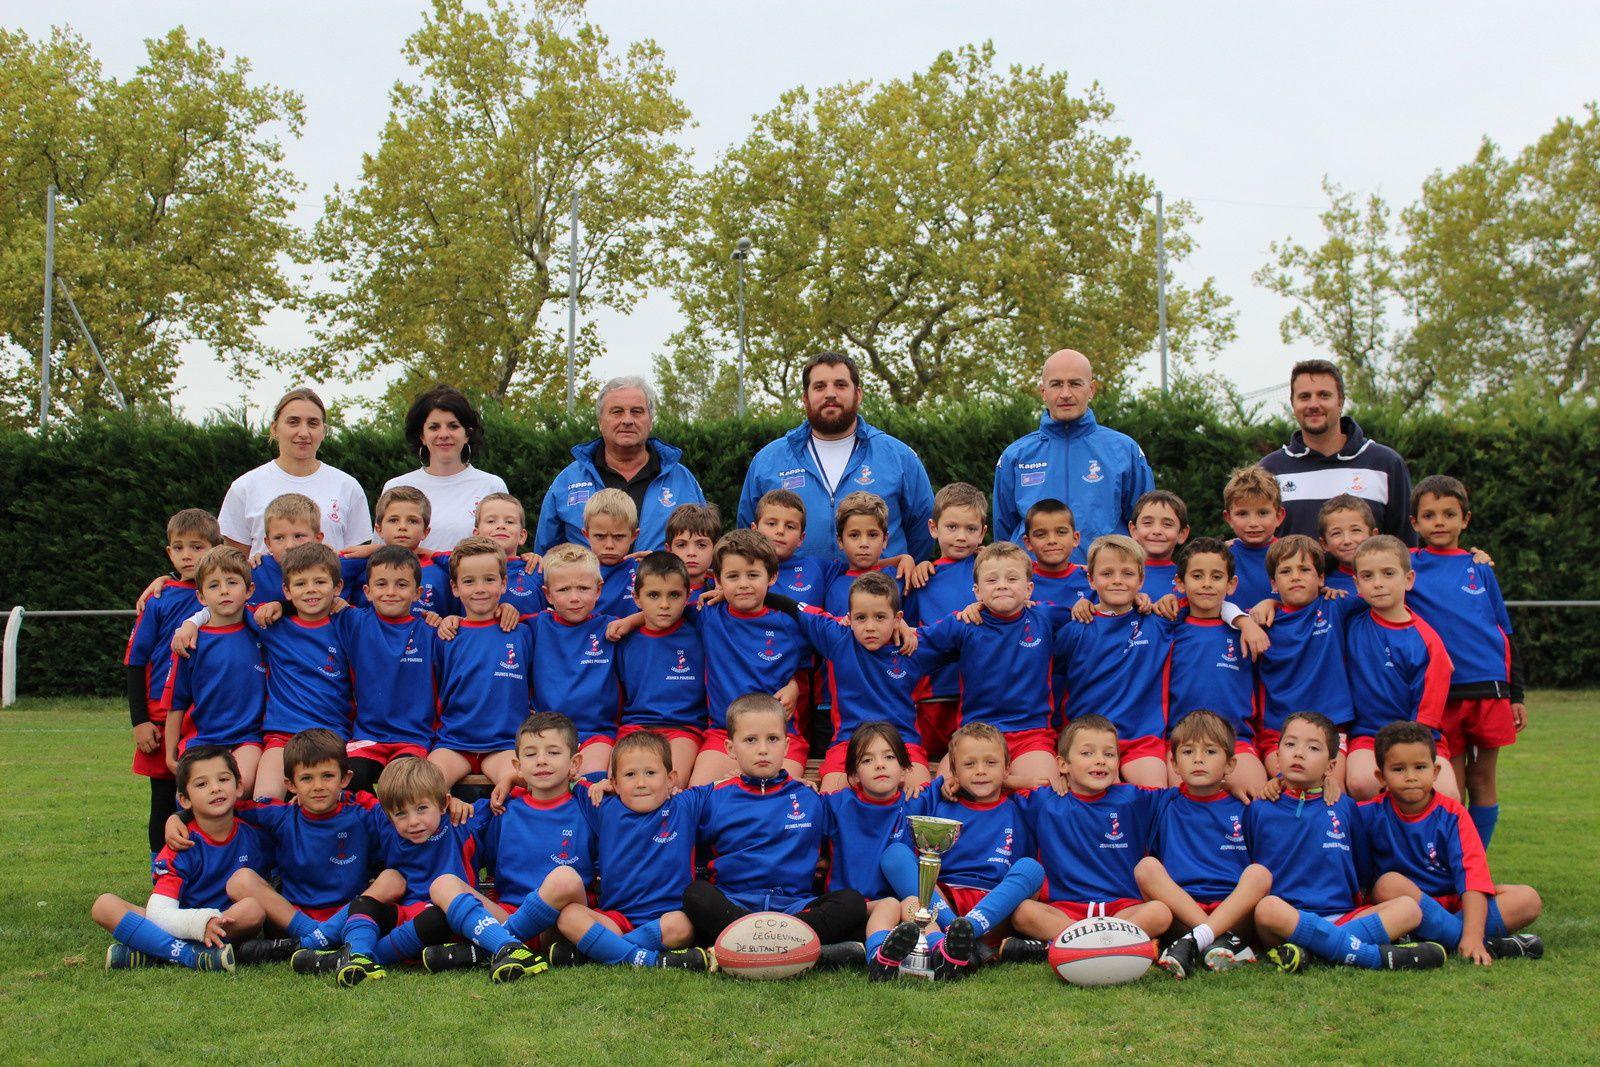 Toutes les équipes du club, cliquez sur la photo pour agrandir. Dans l'ordre : les débutants -6, les Jeunes pousses -8, les poussins -10, les benjamins -12, les minimes -14, les cadets -16, les juniors -18 et les séniors +18